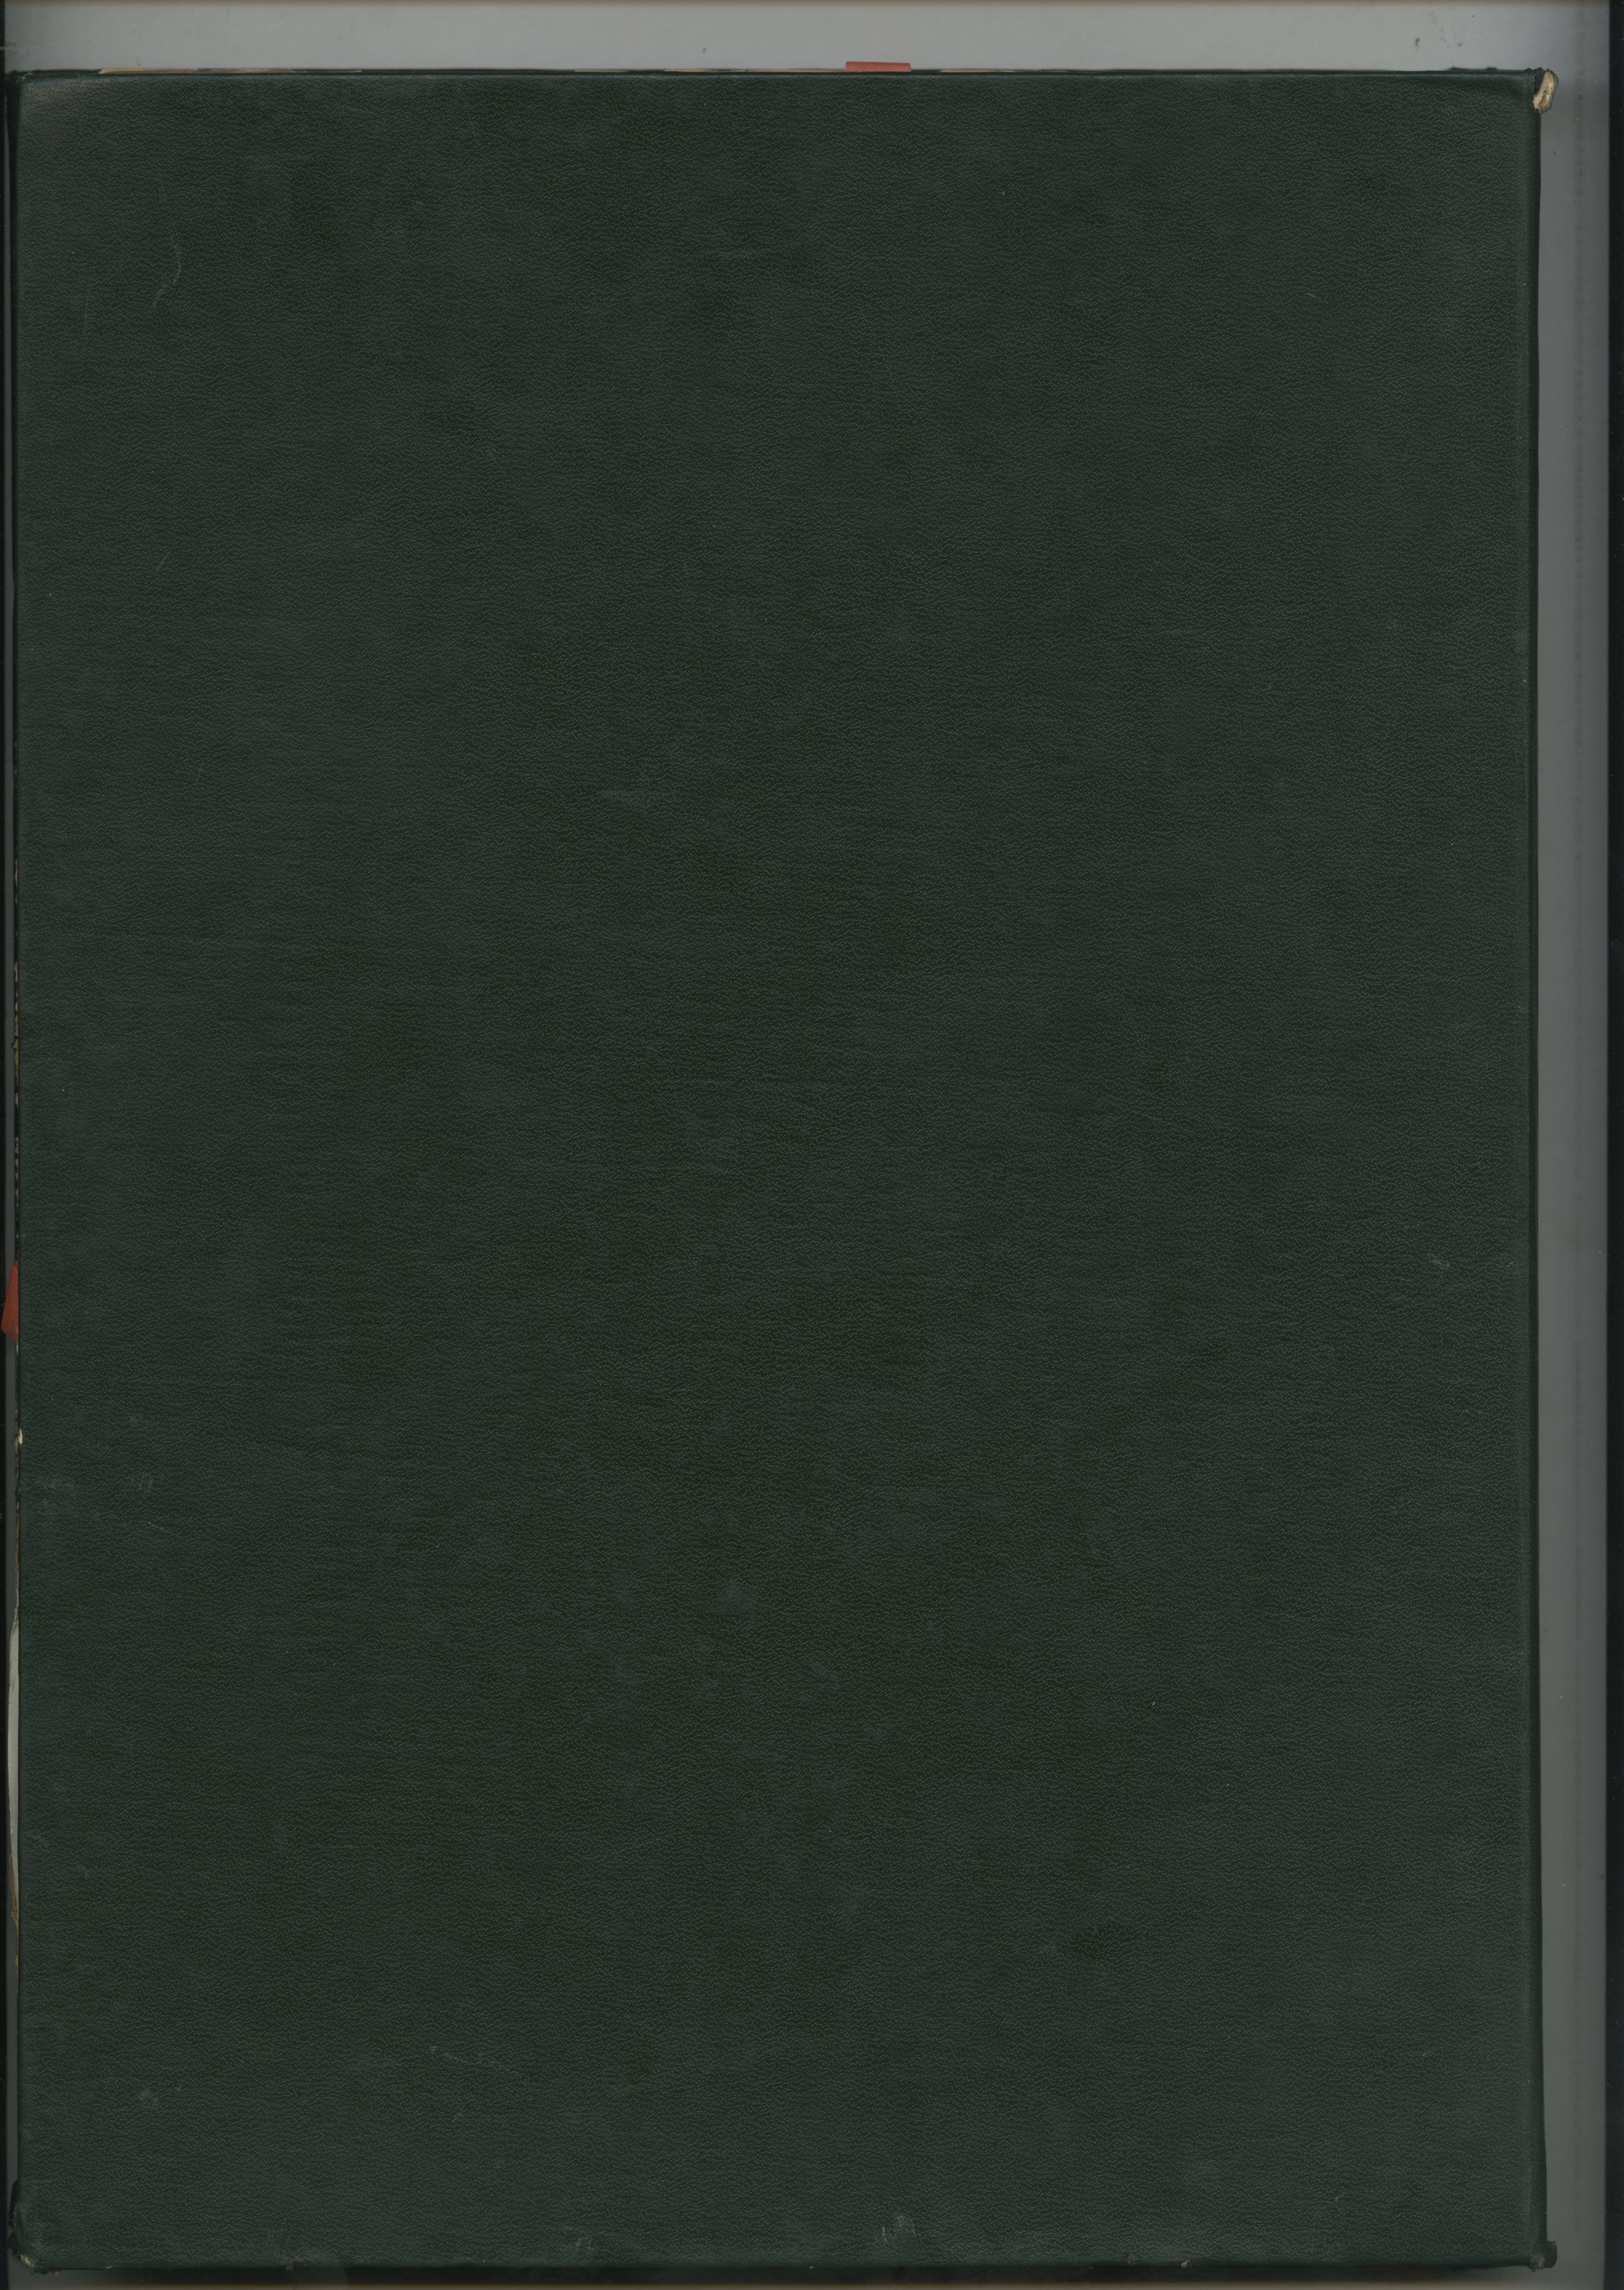 96. Green Book Type 1.jpg.jpg